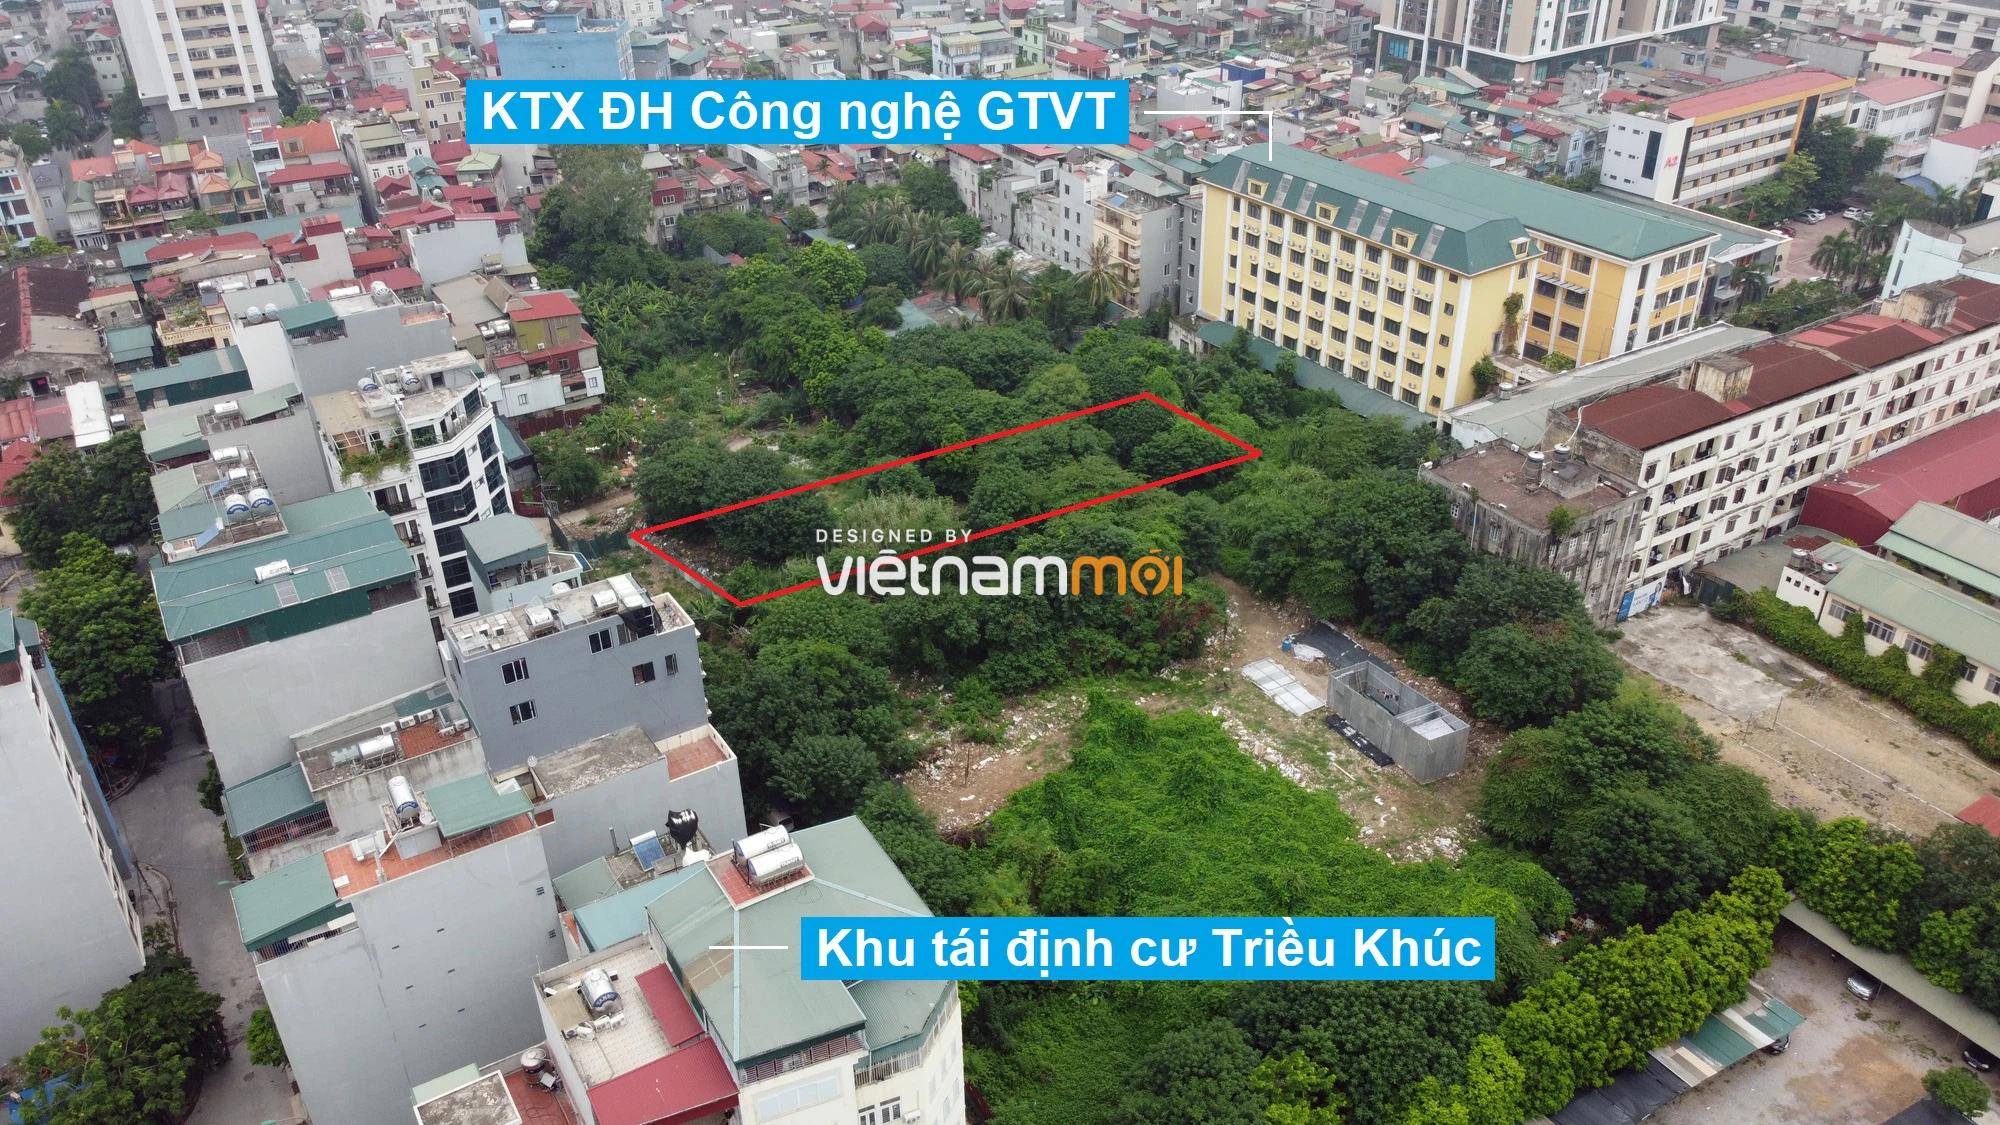 Những khu đất sắp thu hồi để mở đường ở xã Tân Triều, Thanh Trì, Hà Nội (phần 3) - Ảnh 18.